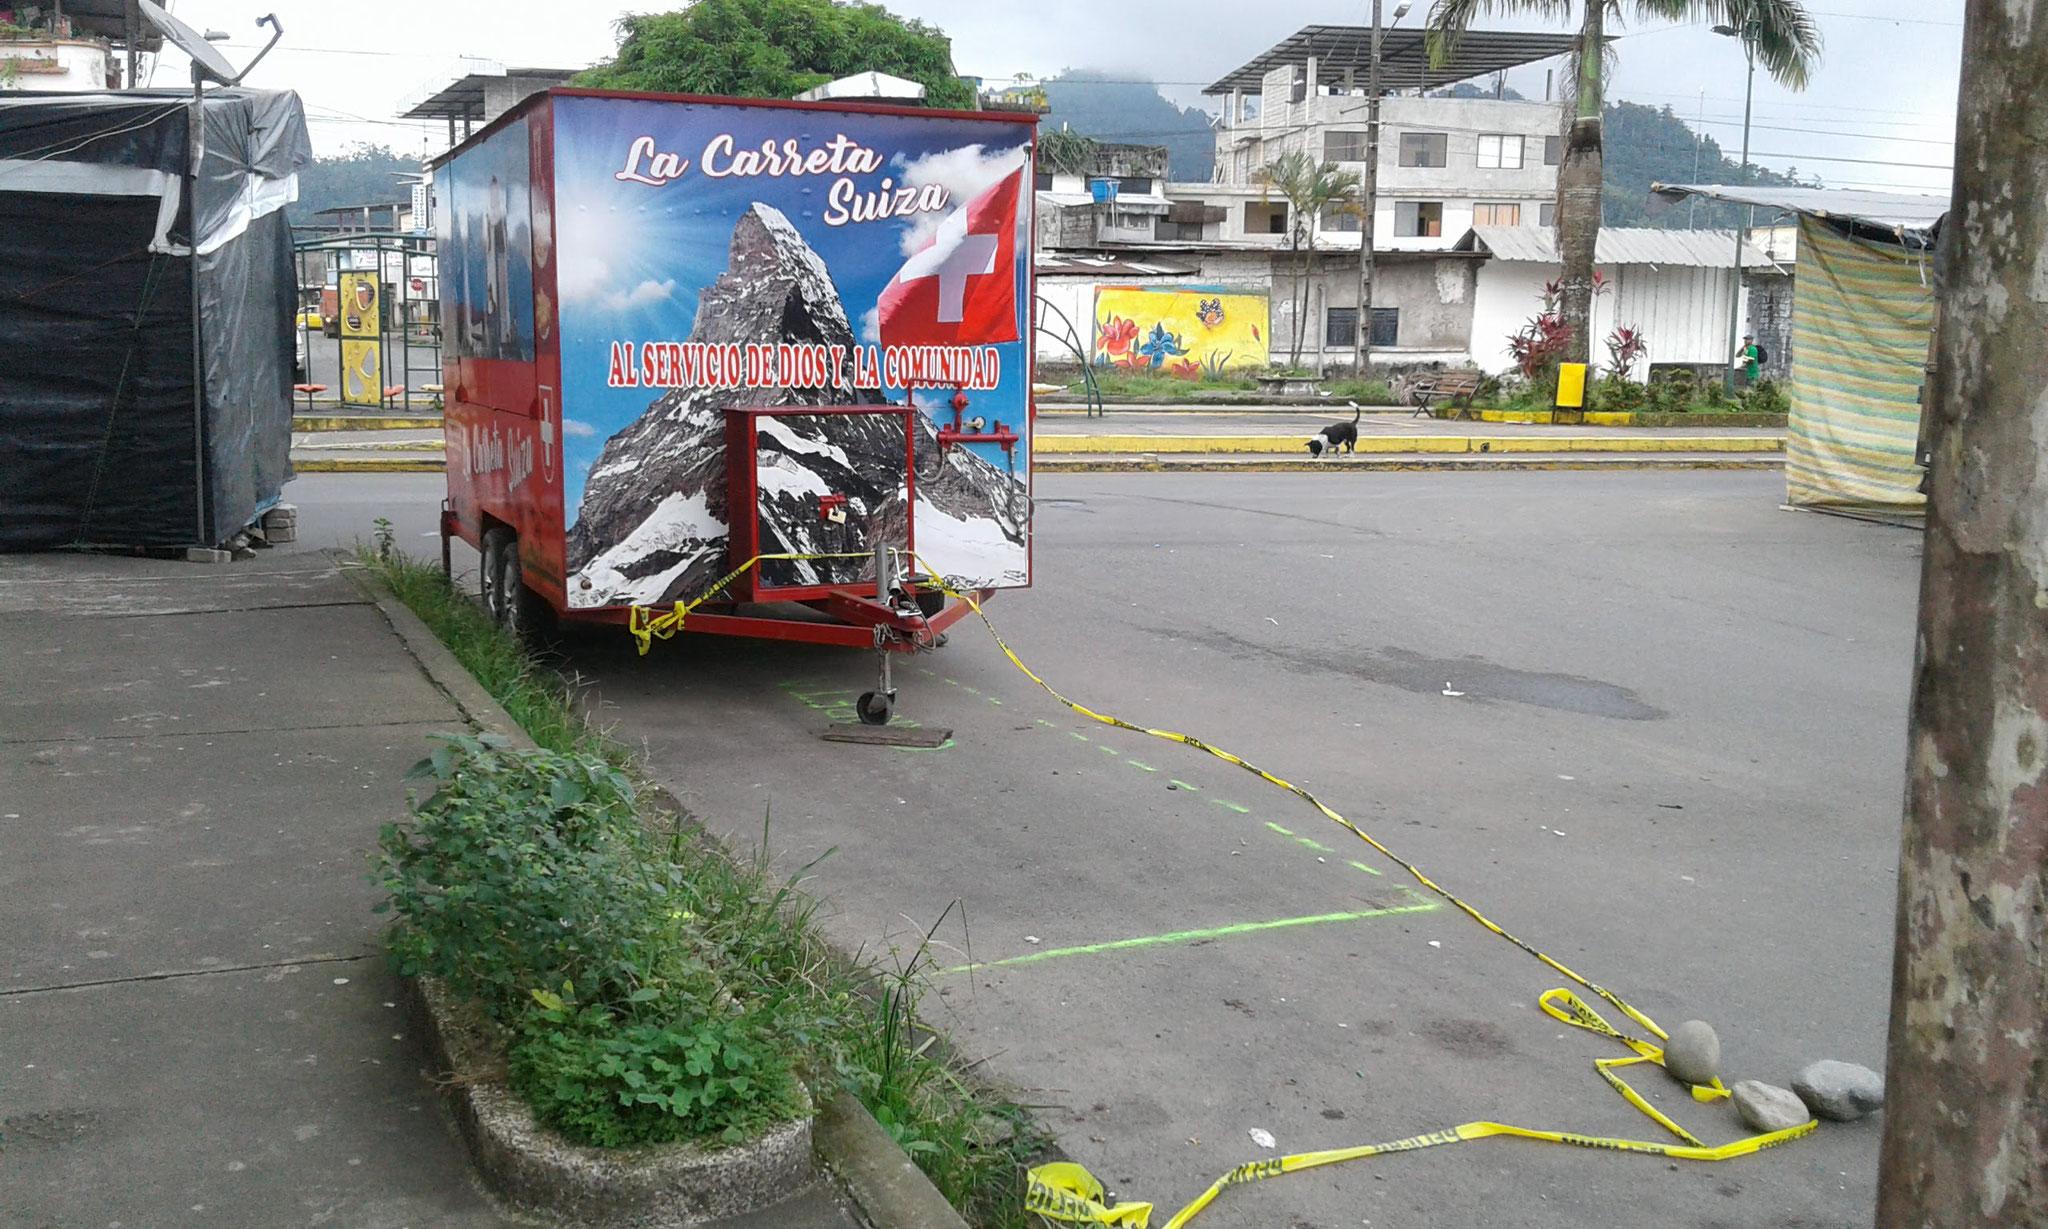 Schweizerwagen wird für 3 Wochen installiert